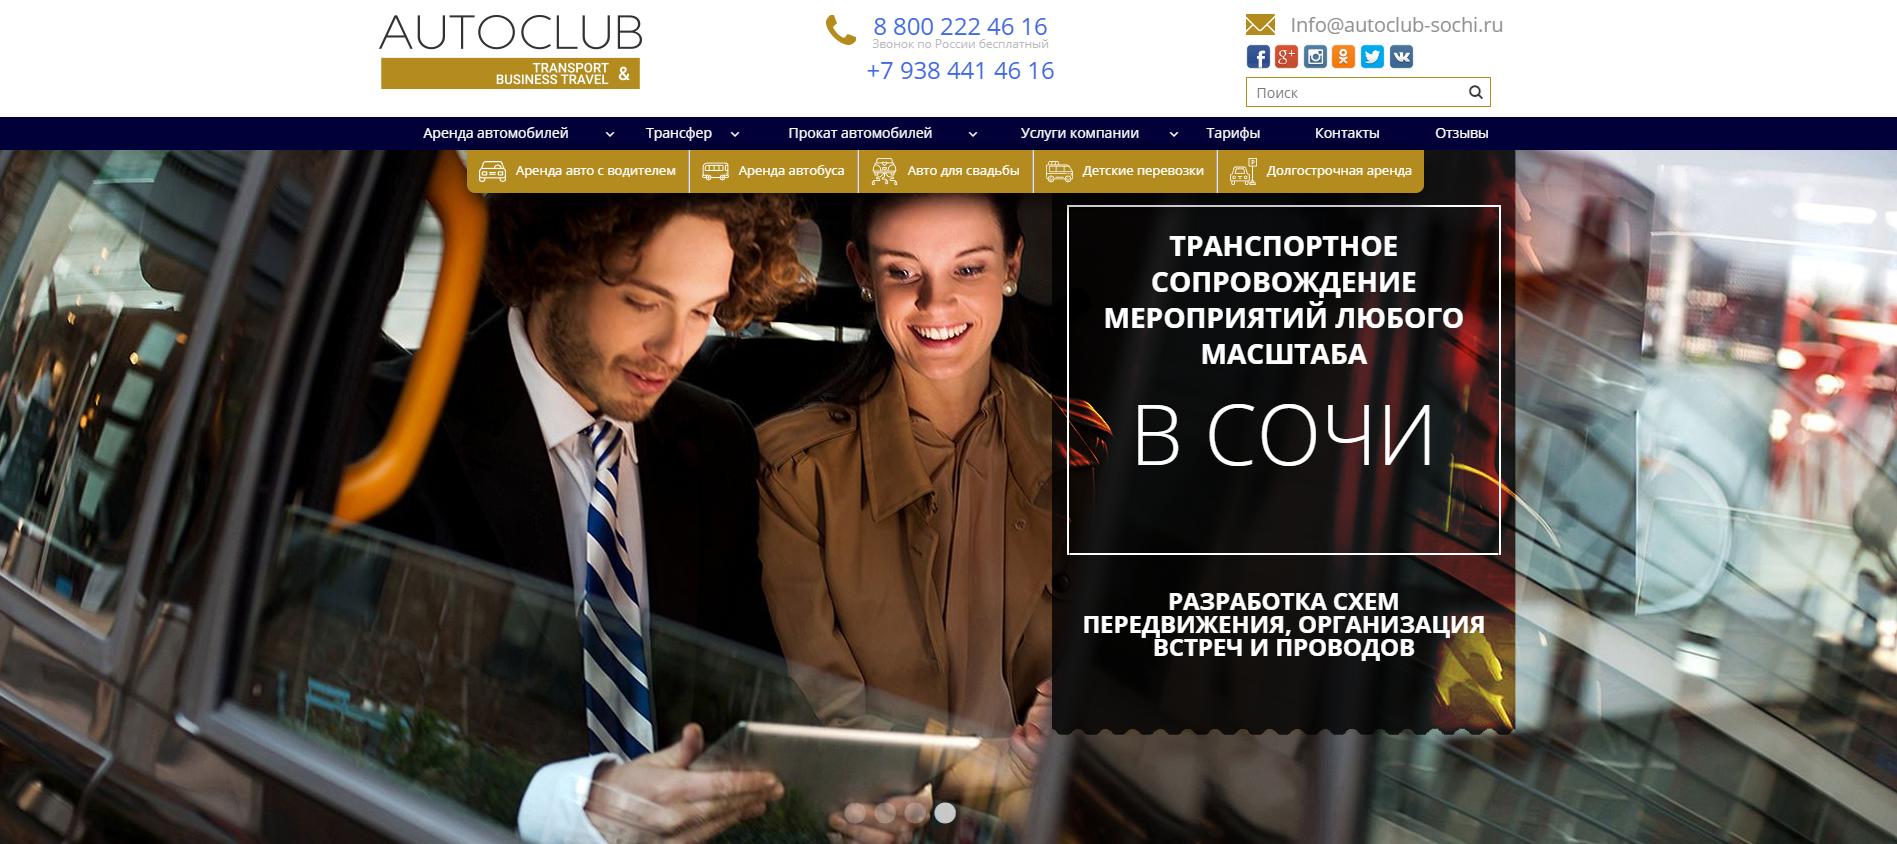 Autoclub Sochi